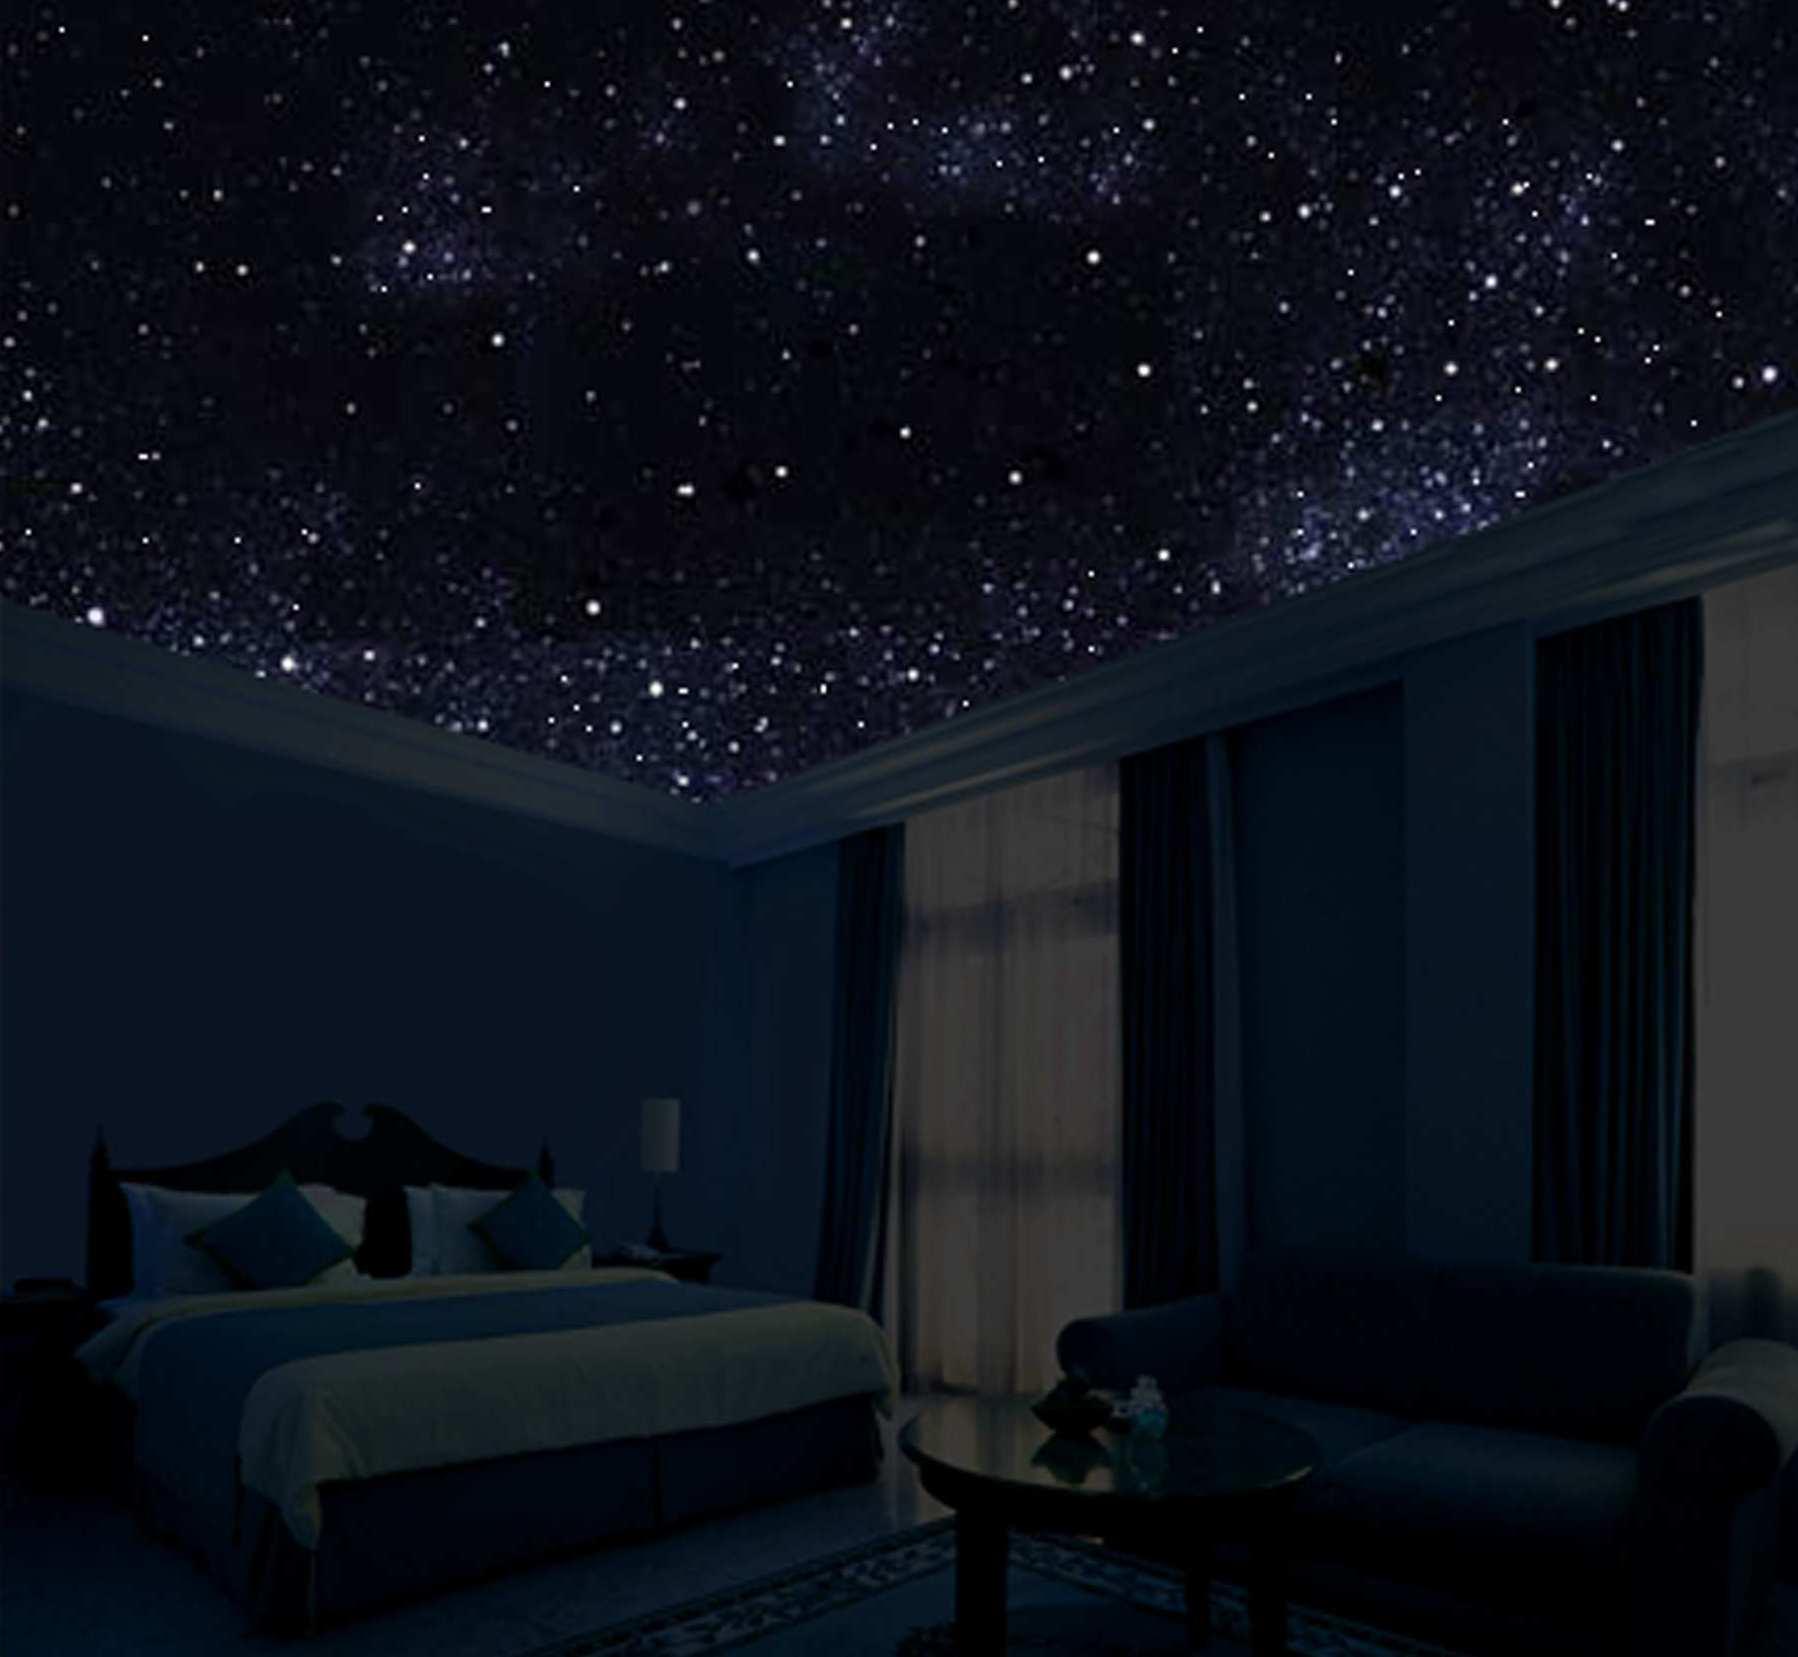 File:Cielo stellato in camera.jpg - Wikimedia Commons